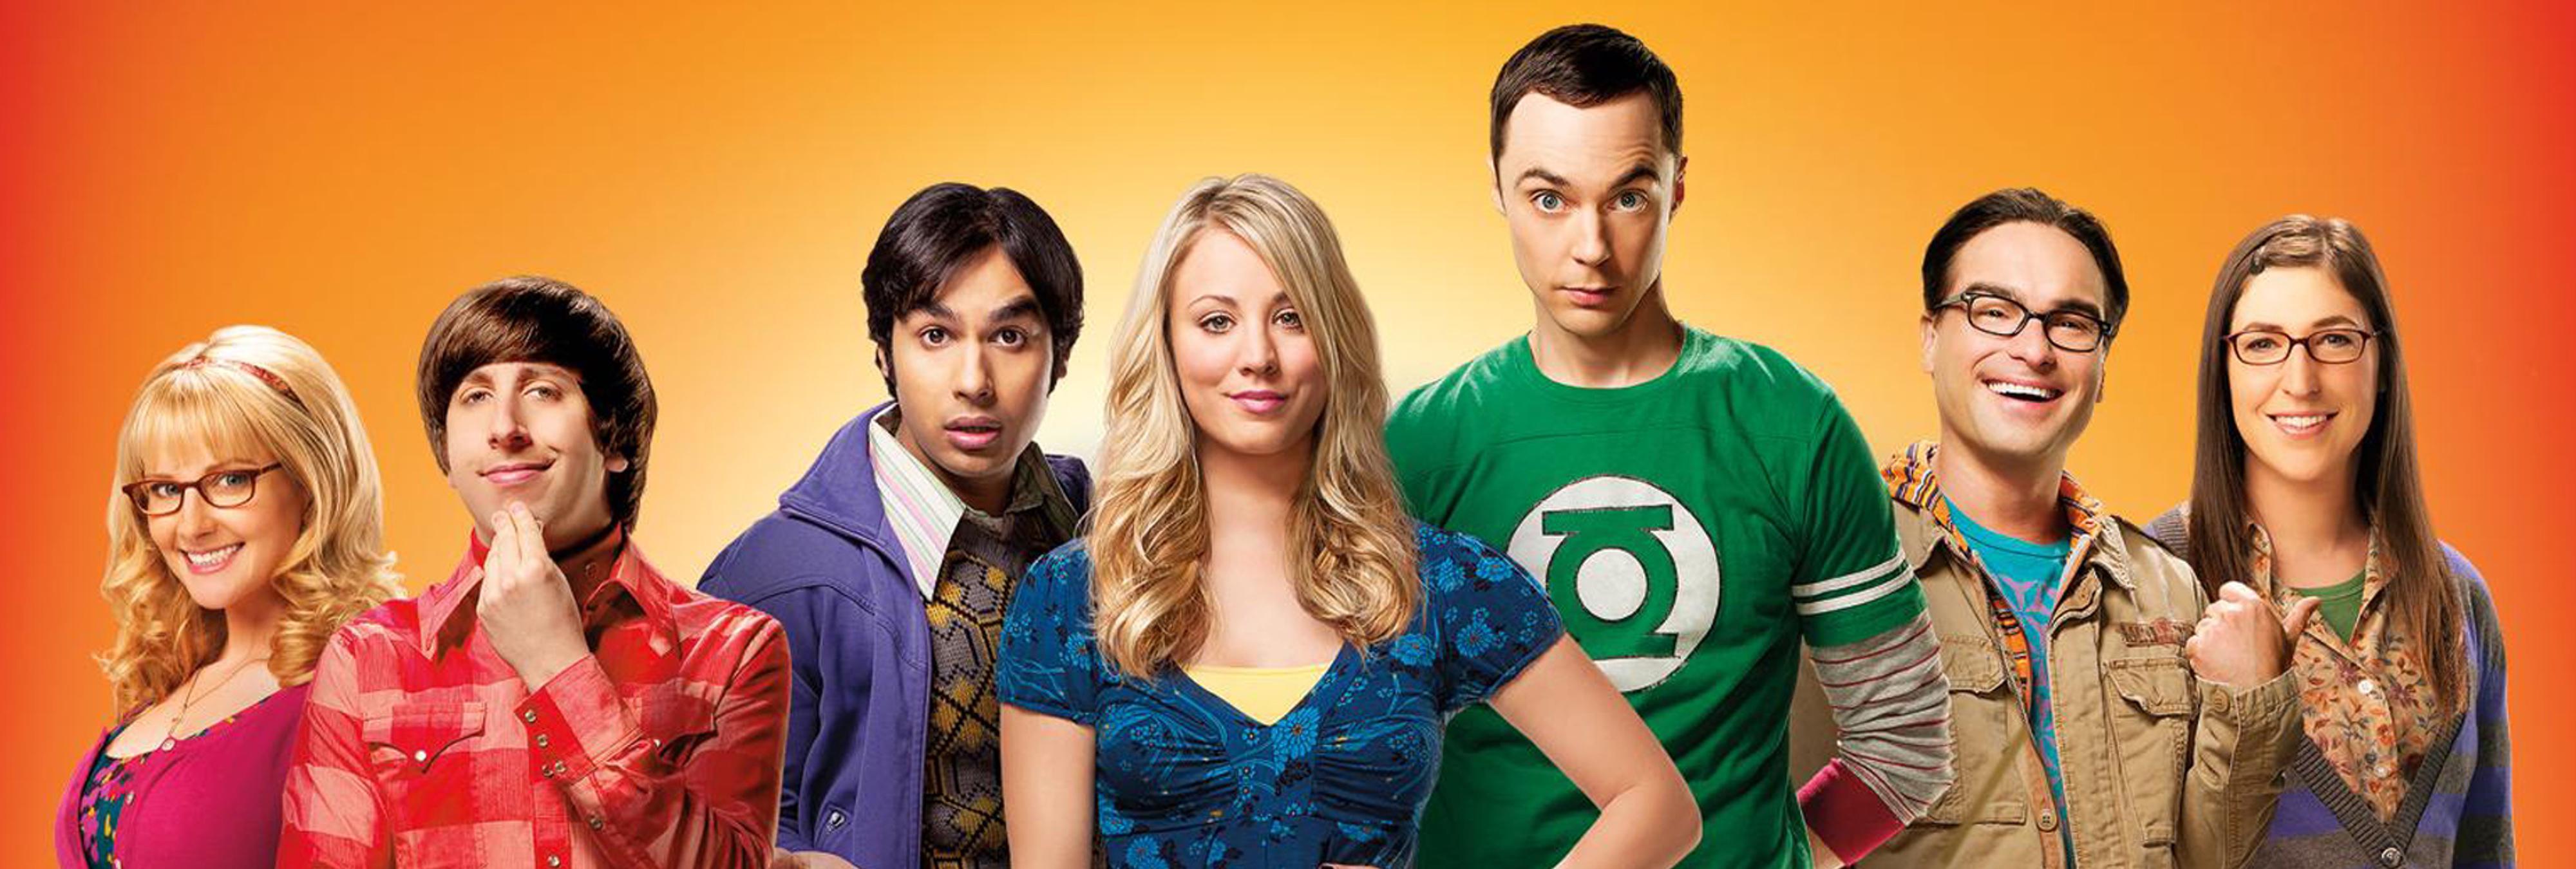 Los actores de 'The Big Bang Theory' se bajan el sueldo para compartirlo con su equipo